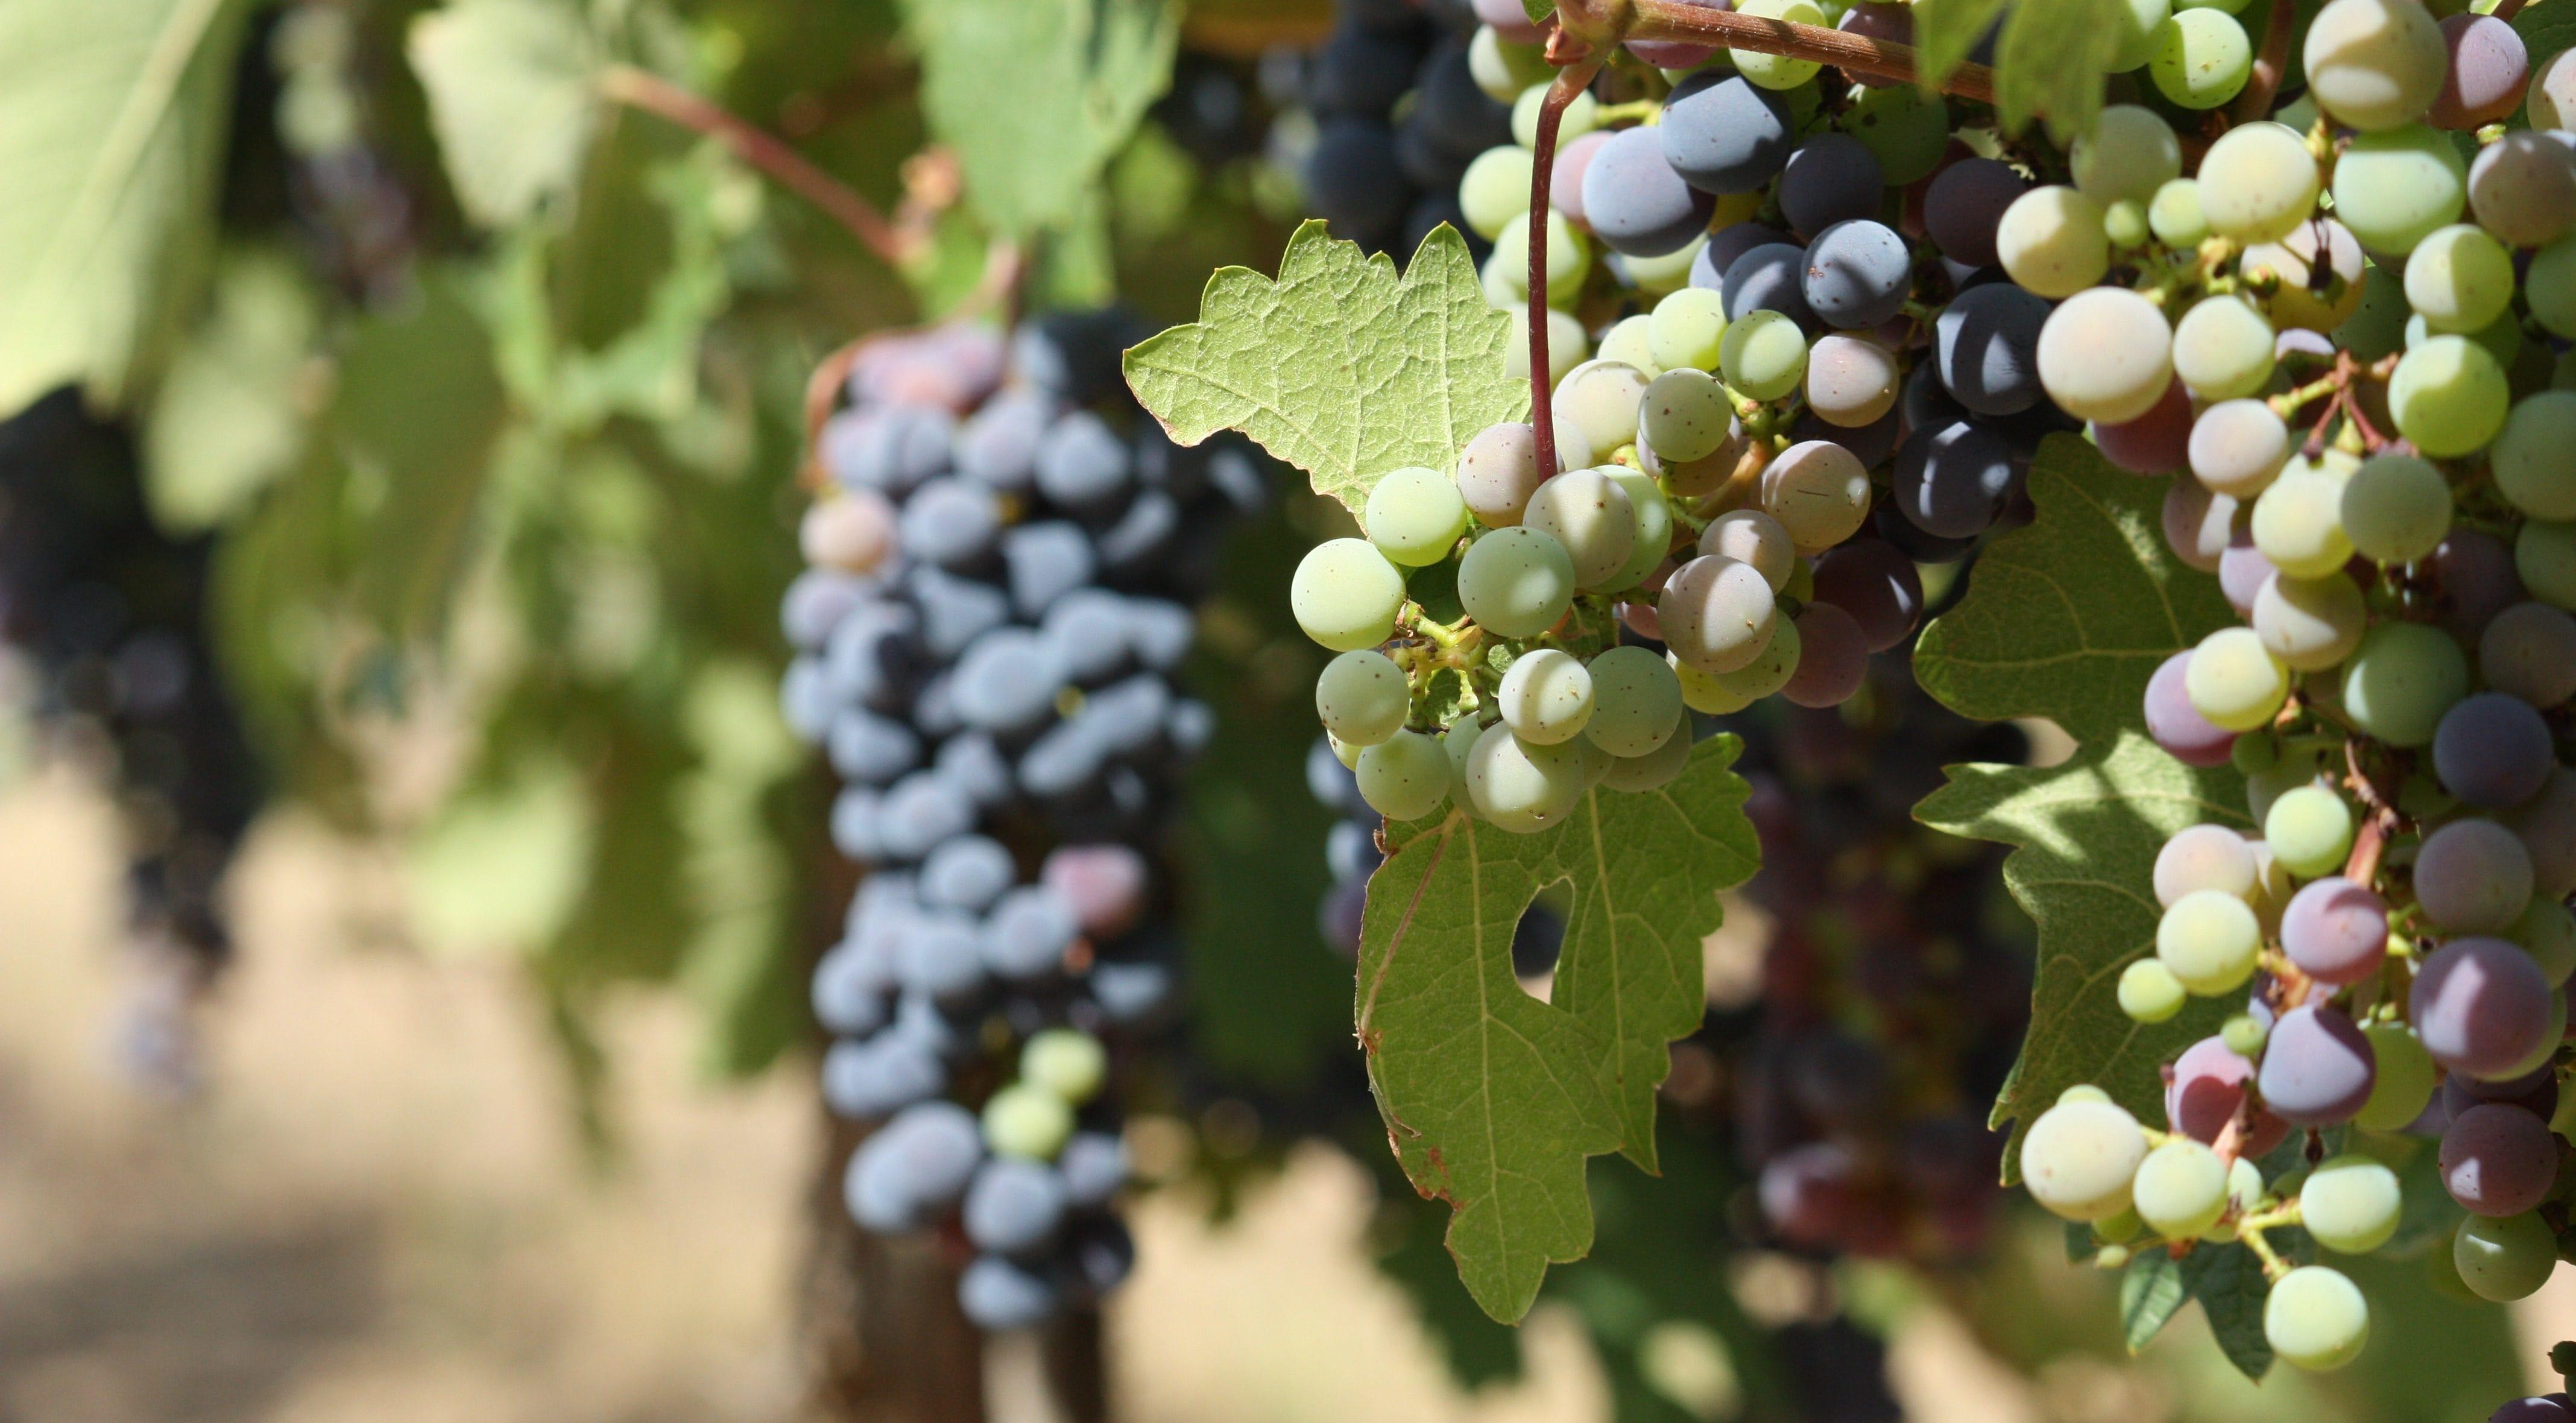 Vigne et raisin à Vacquières. Photo : Christophe Colrat